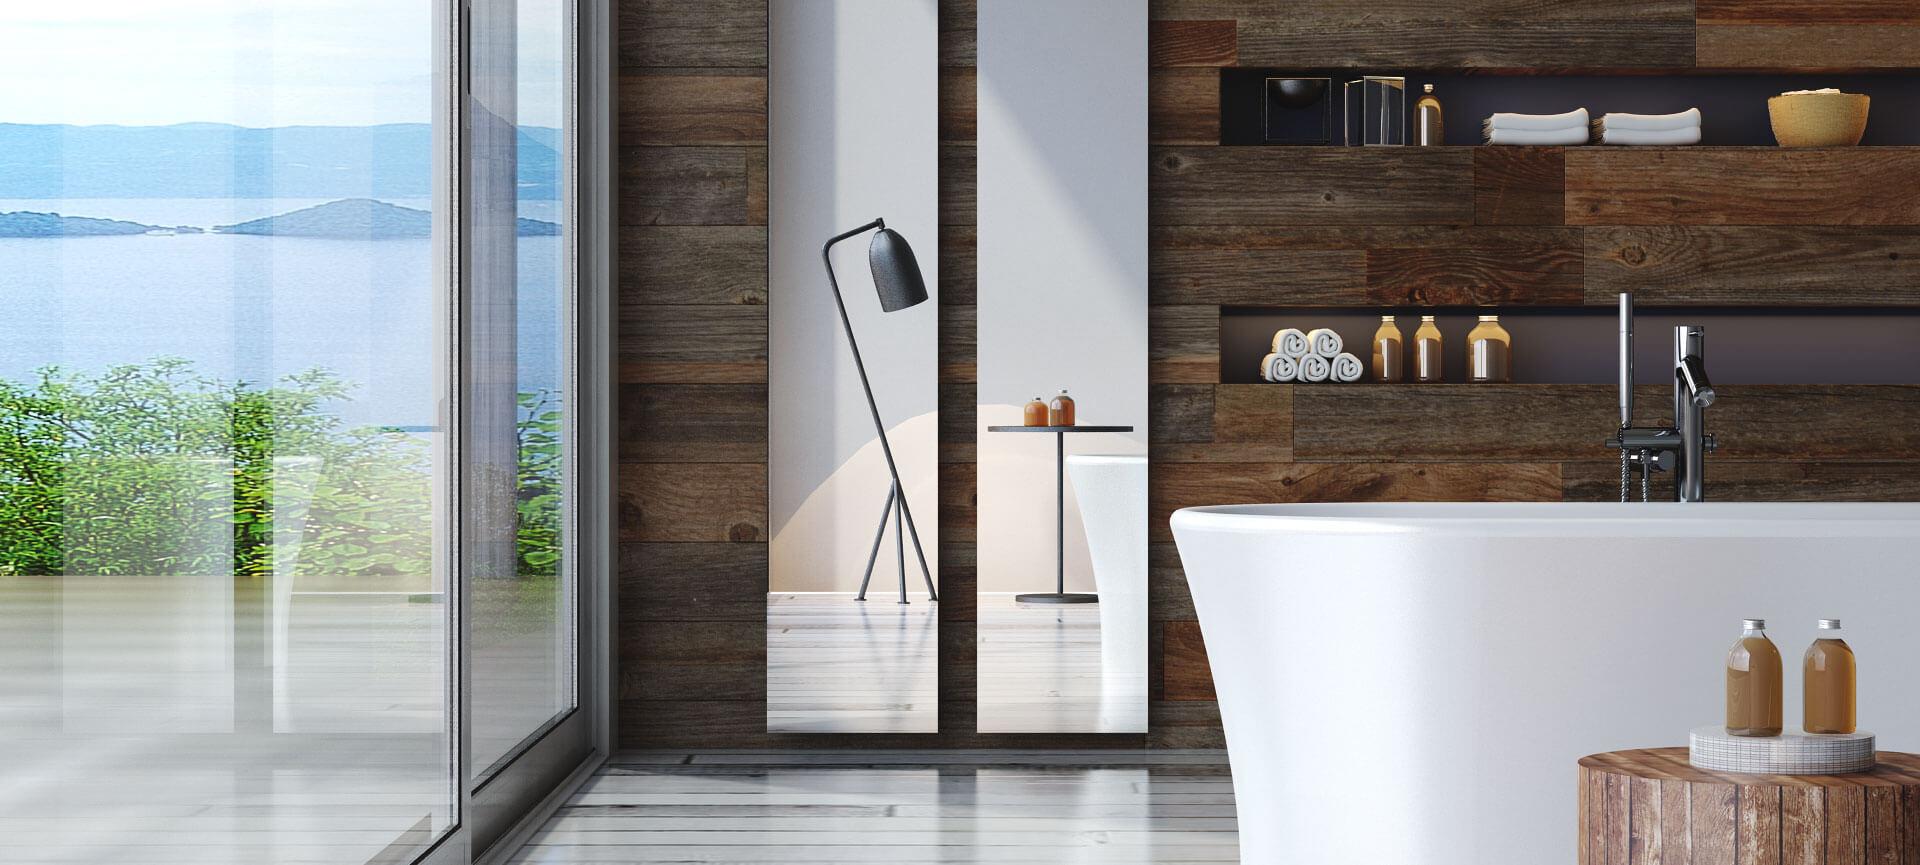 LED Badspiegel, Badezimmerspiegel und Spiegel nach Maß